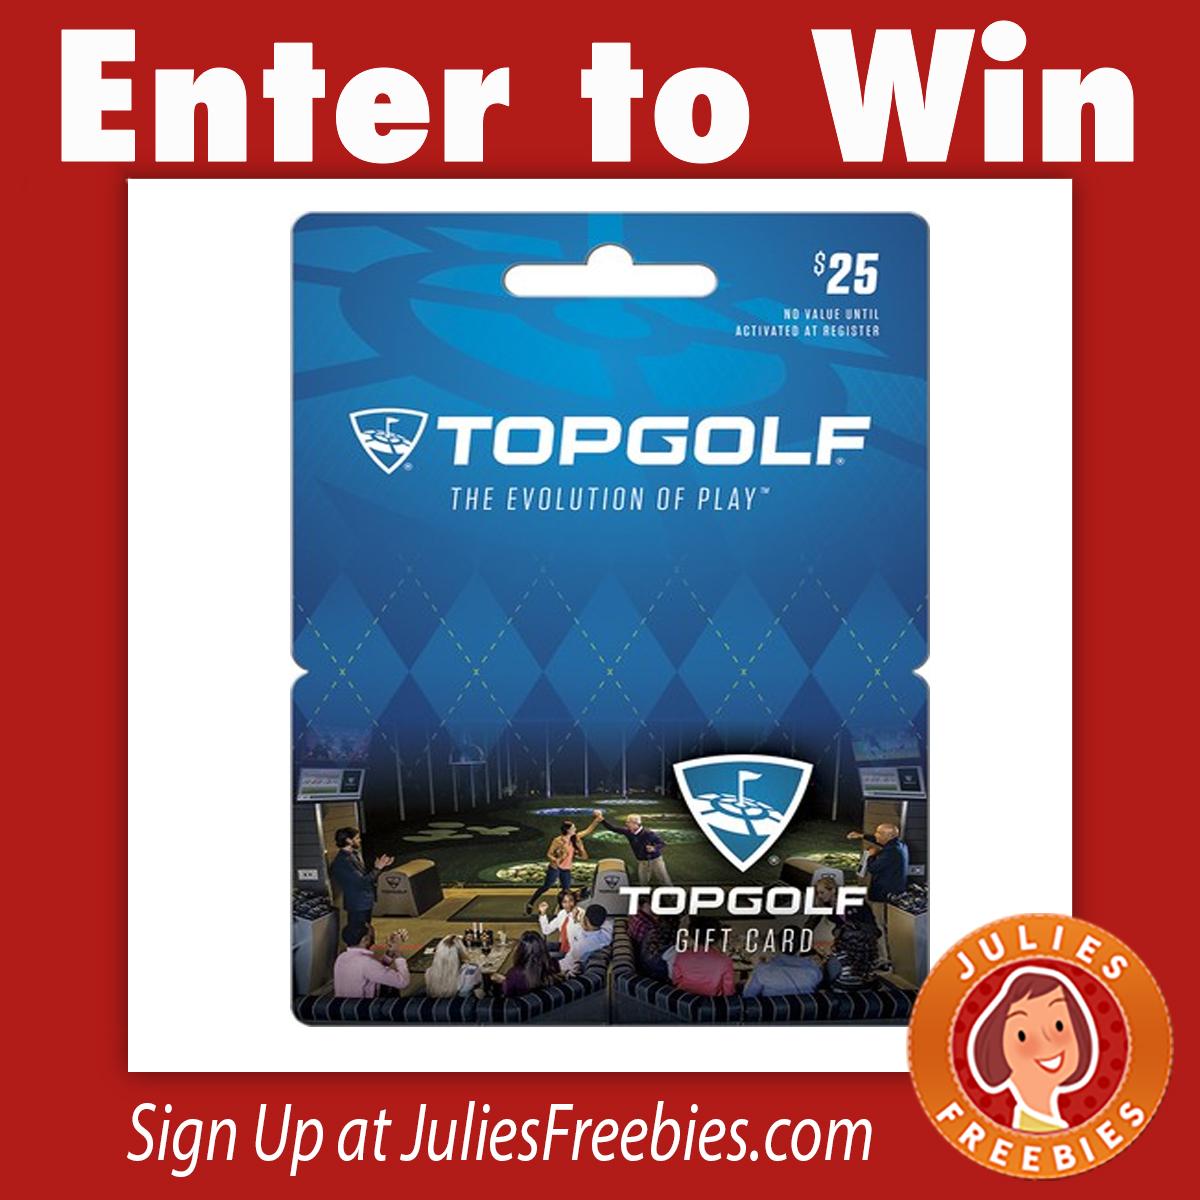 Topgolf coupon code